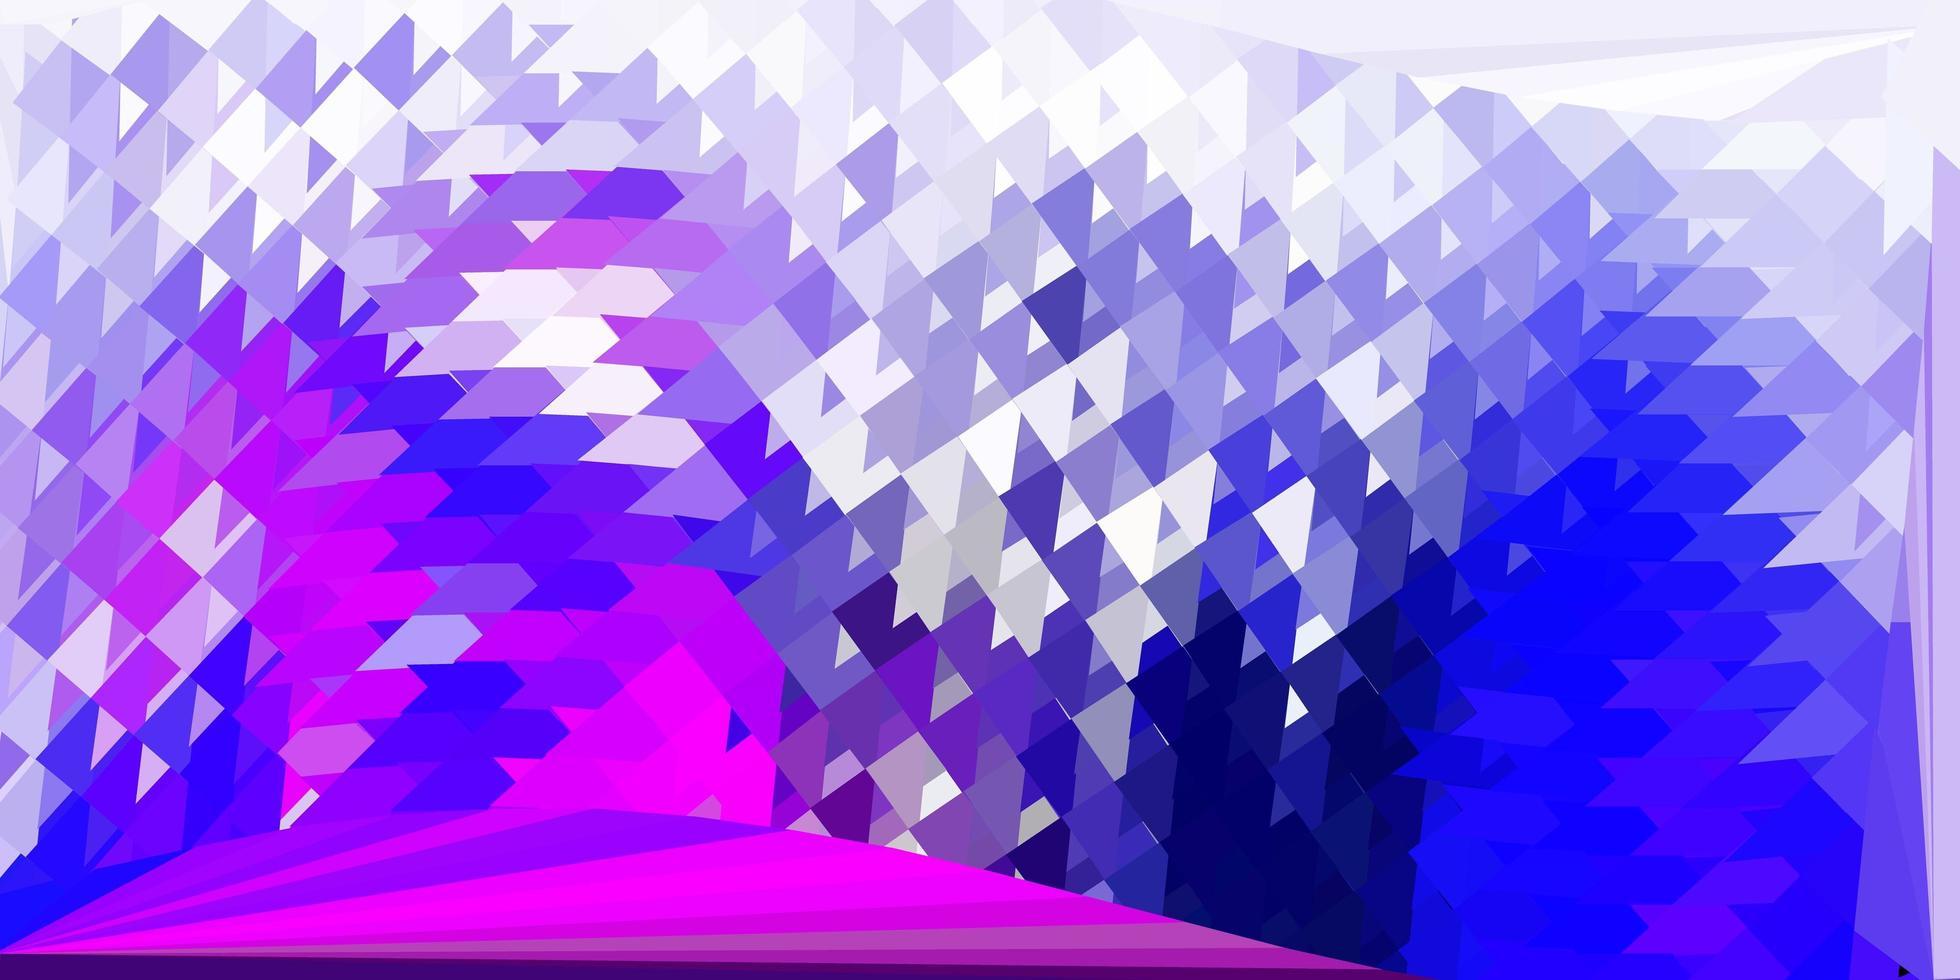 modelo de mosaico de triângulo de vetor de rosa escuro e azul.